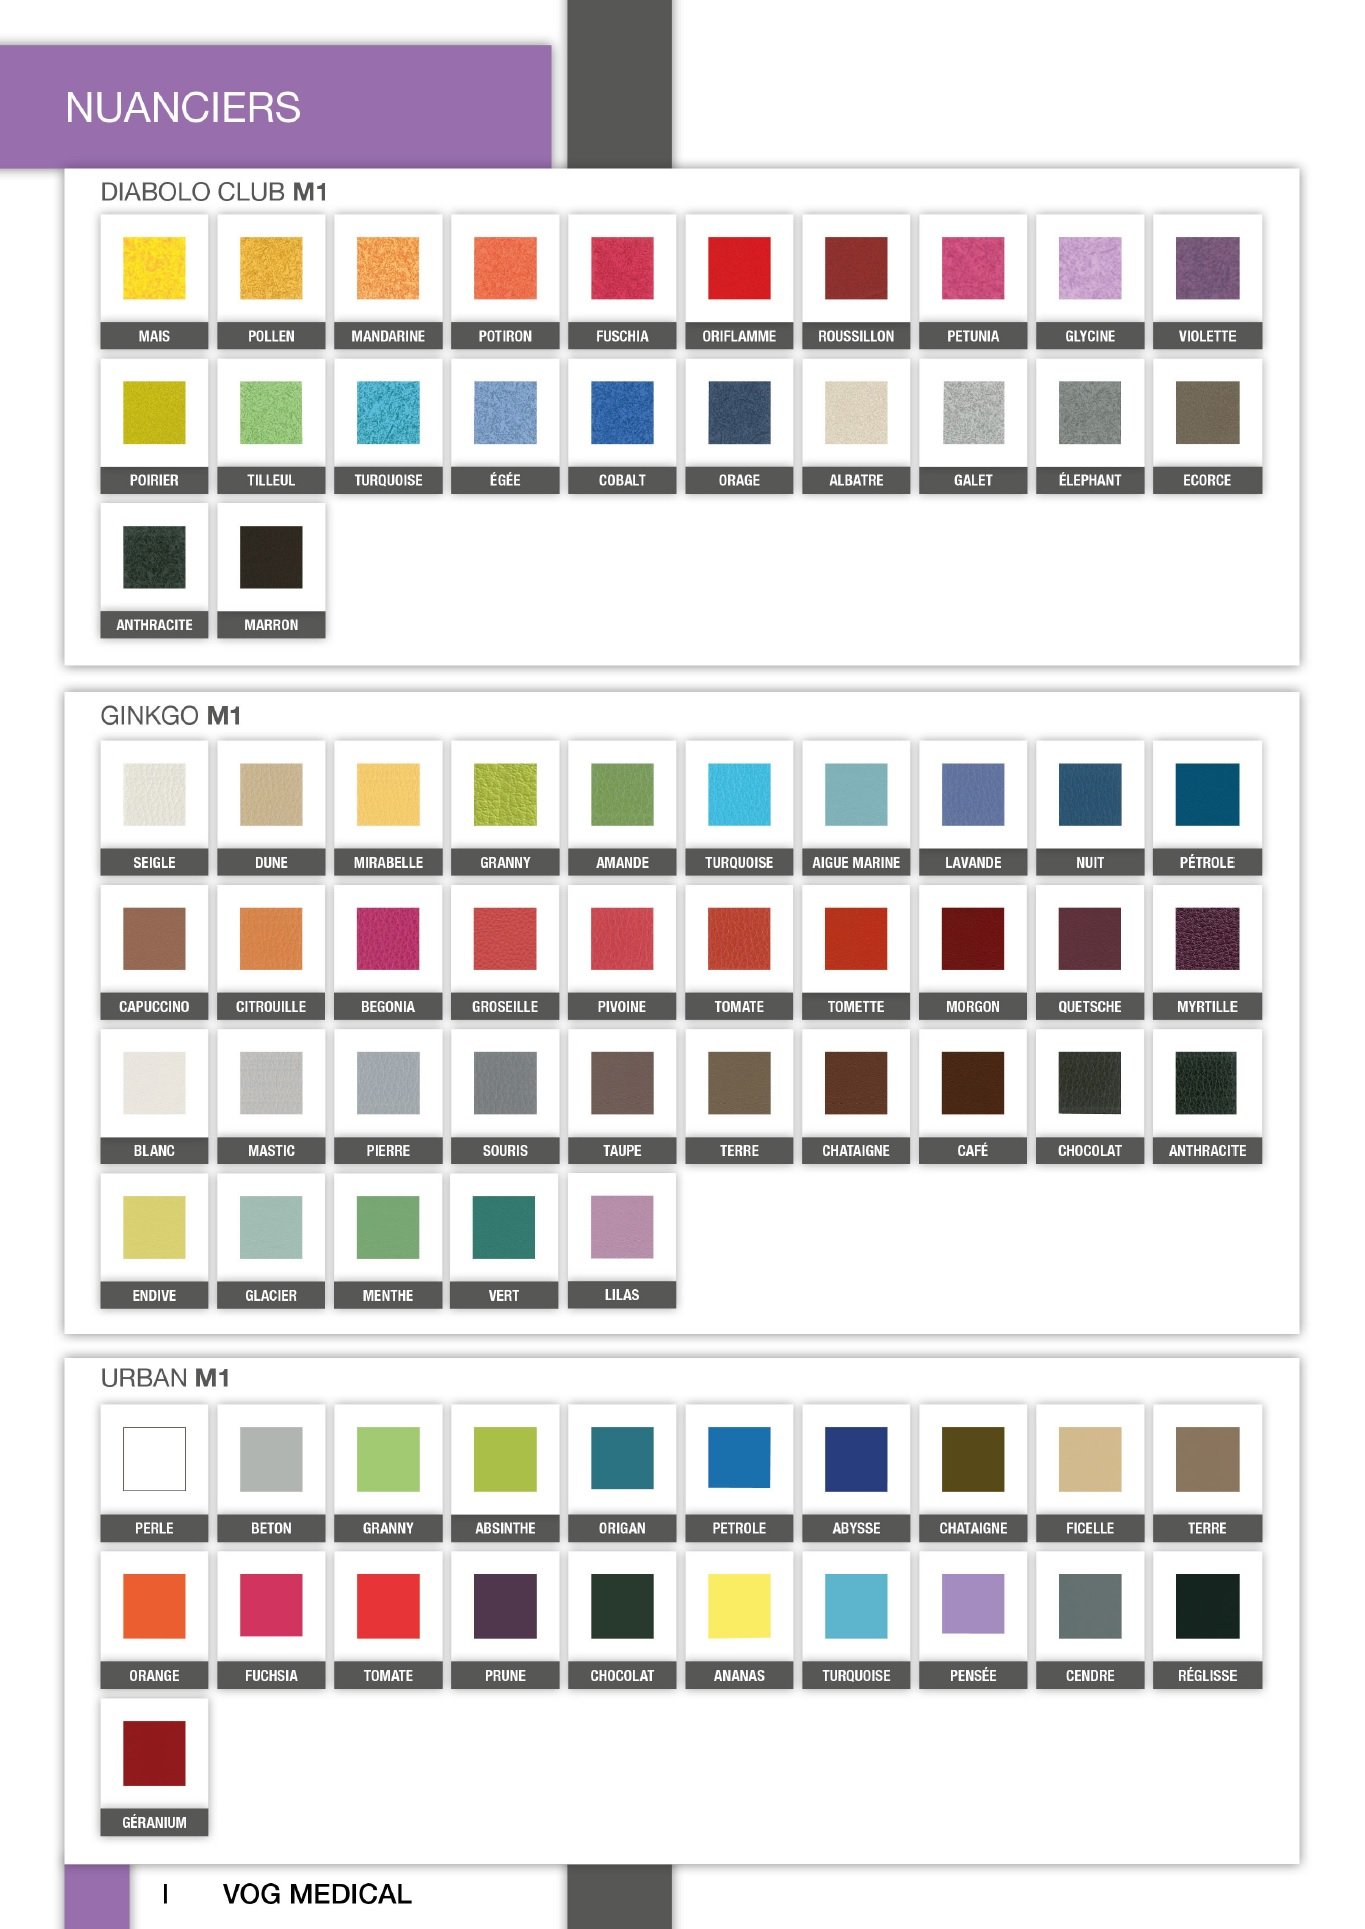 Nuancier des différents coloris